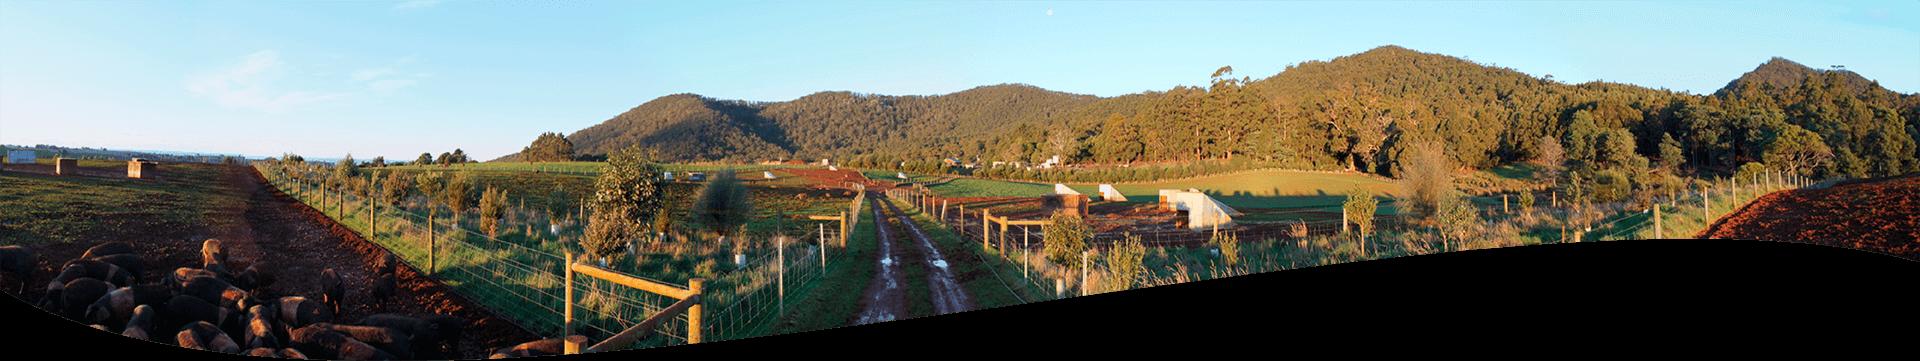 Mt Gnoman Farm